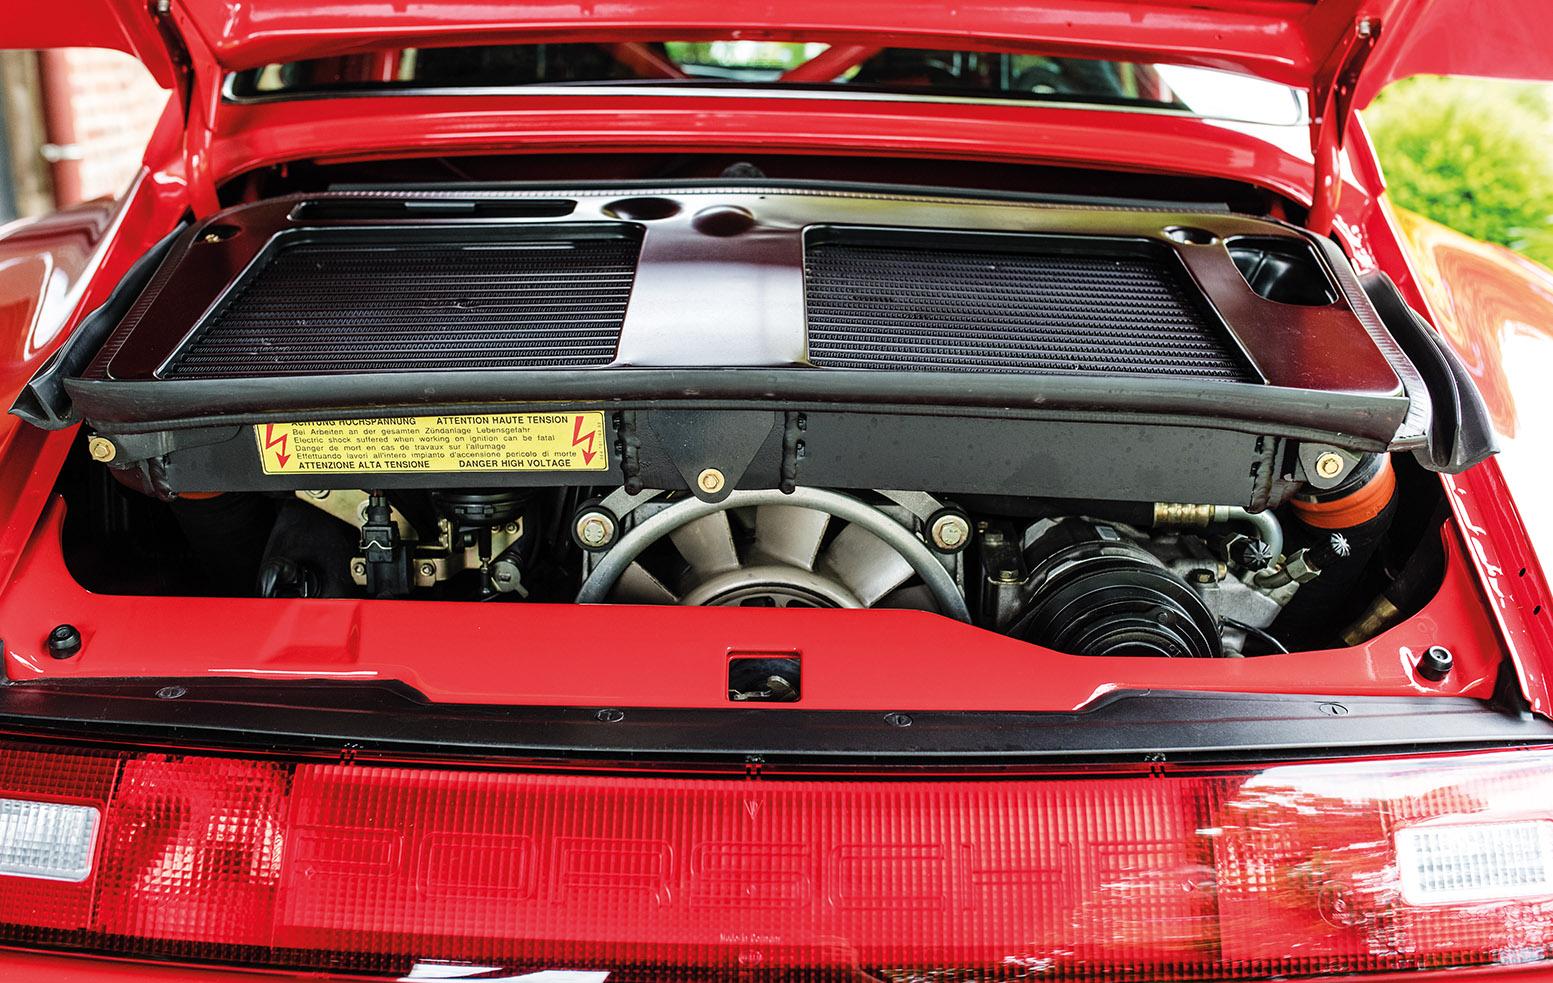 Porsche 993 911 engine